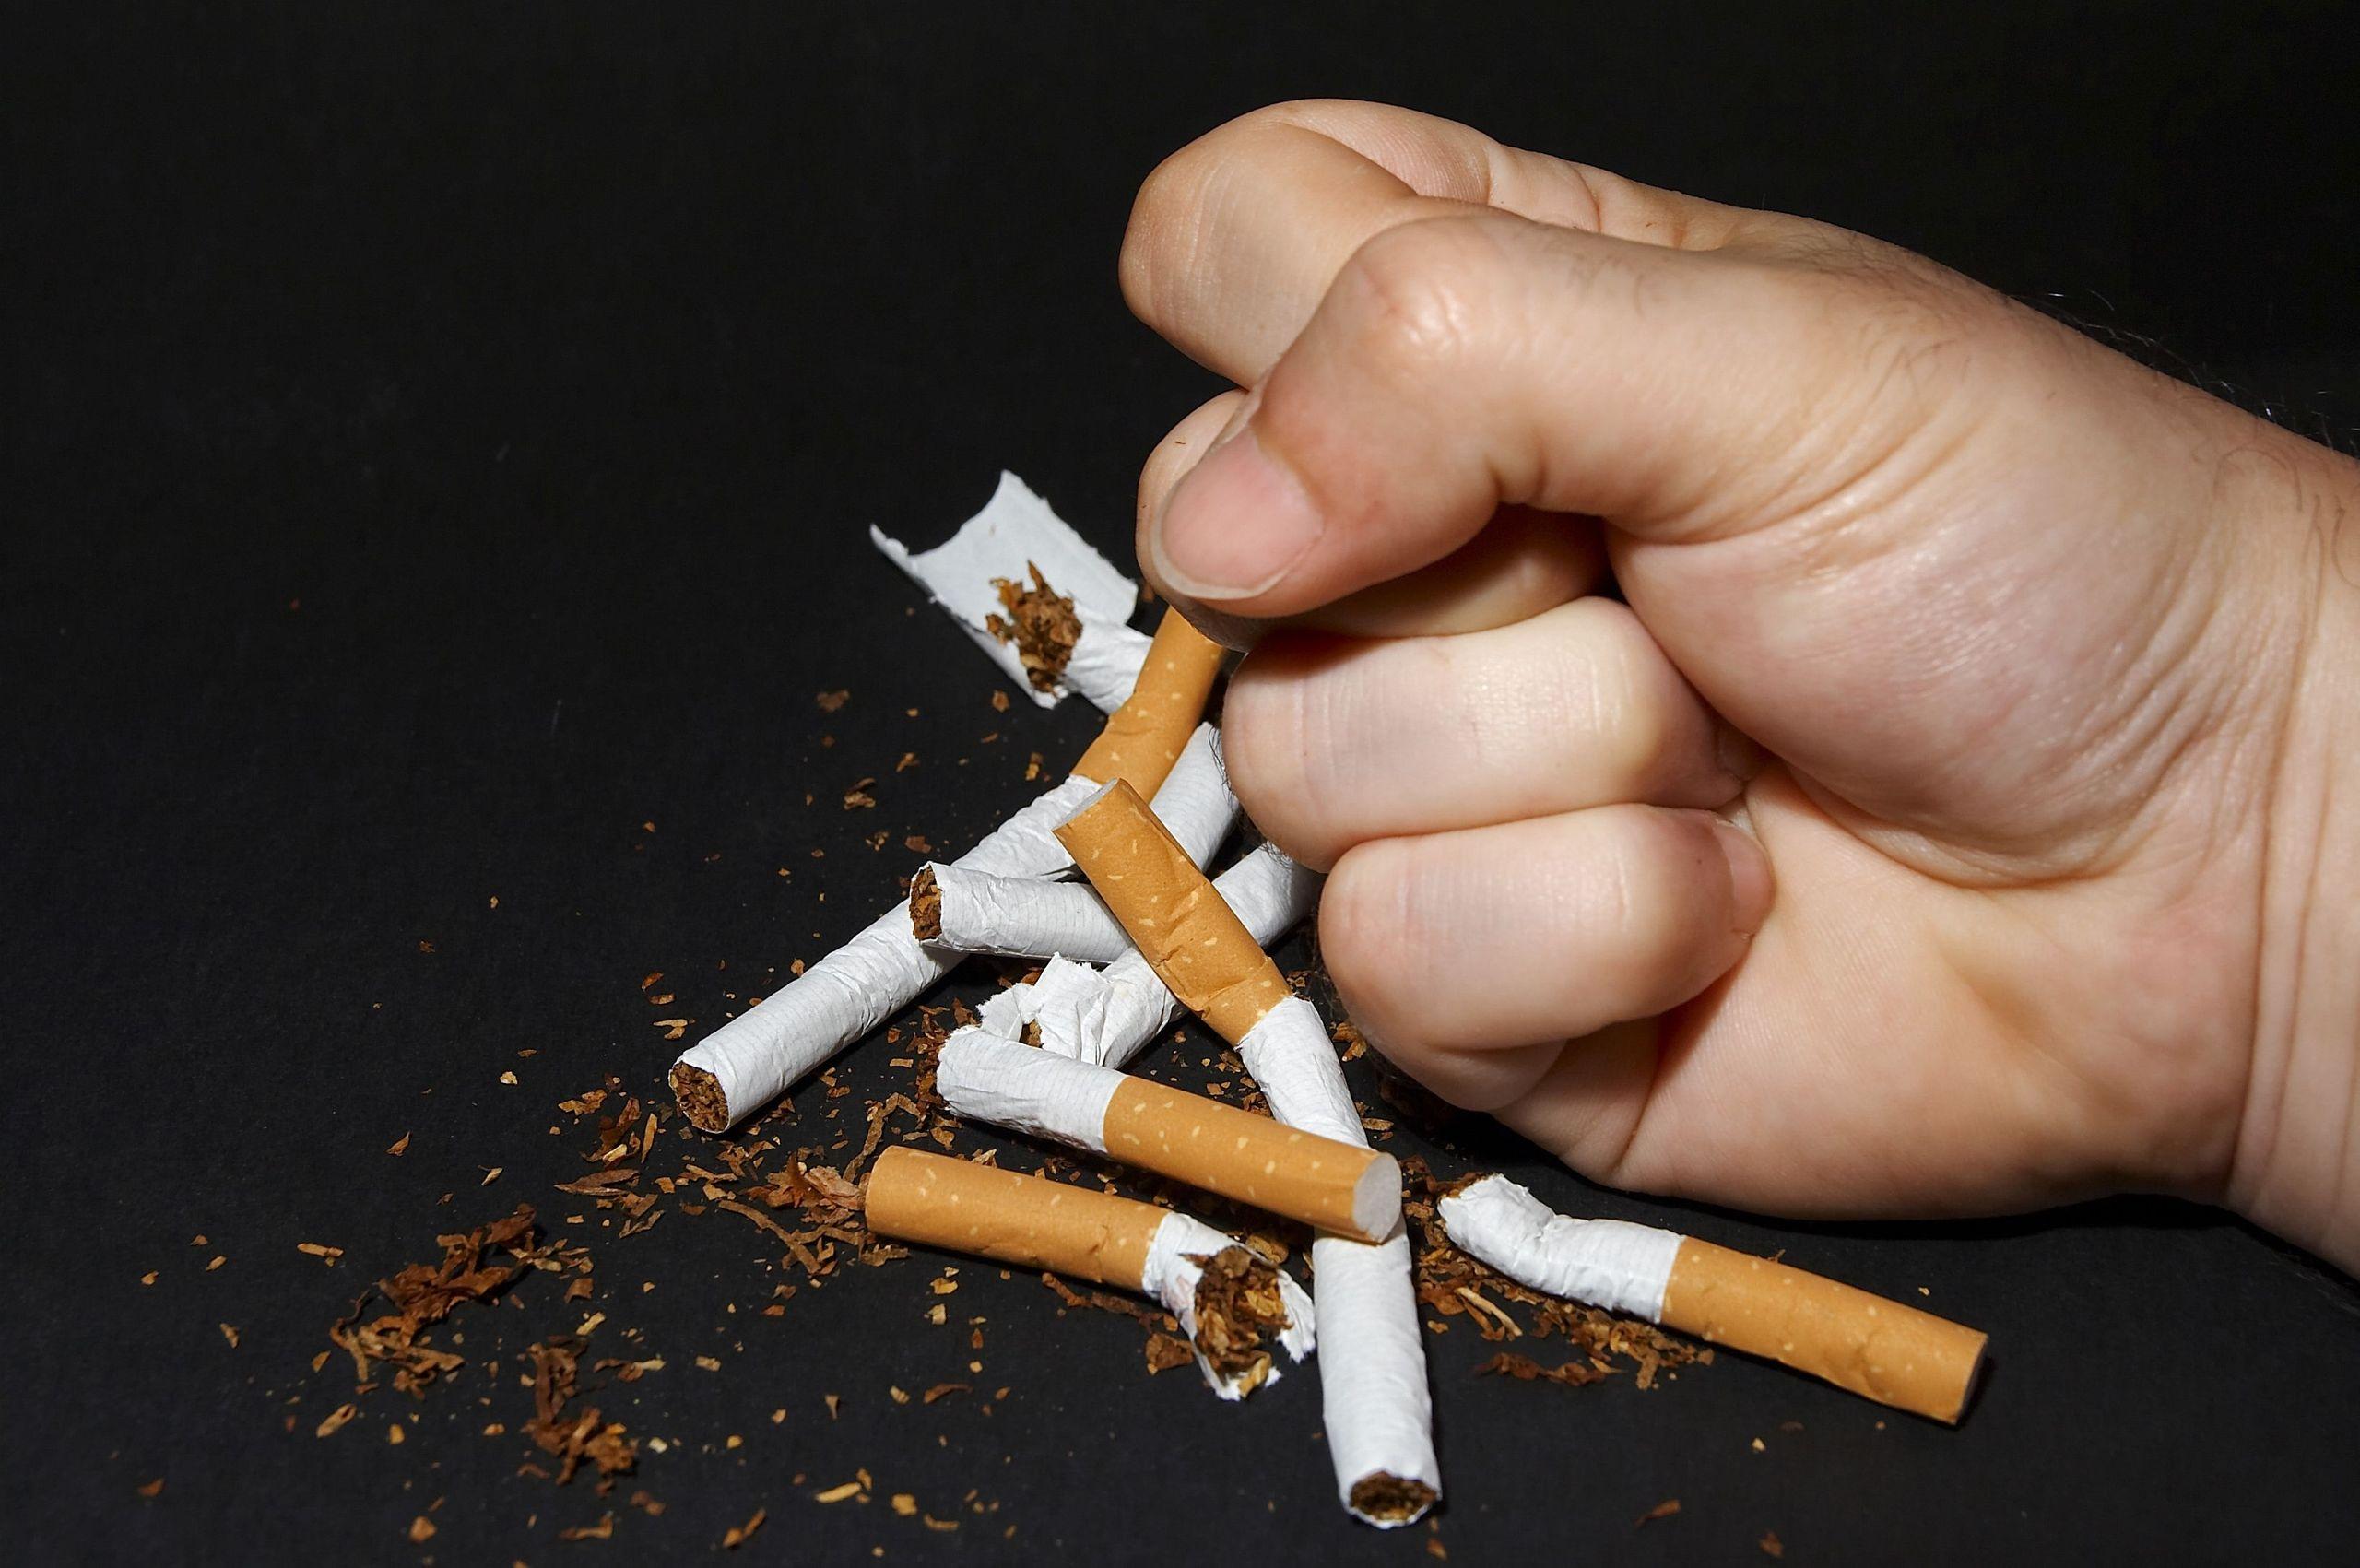 Жительница Твери отомстила своей бабушке за сломанные сигареты